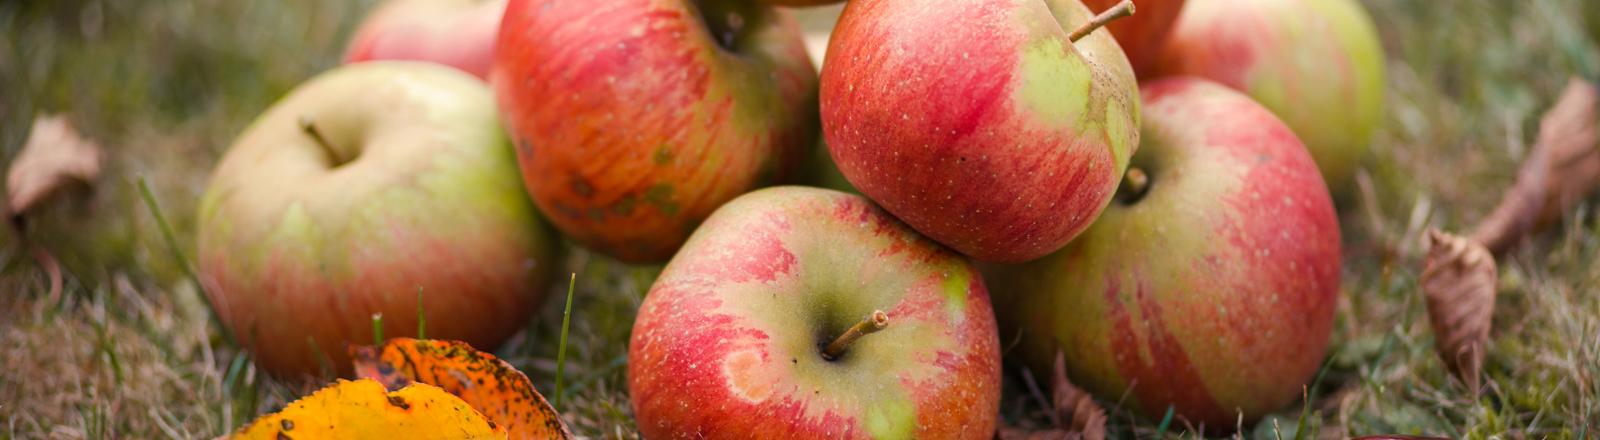 Äpfel auf einer Wiese.